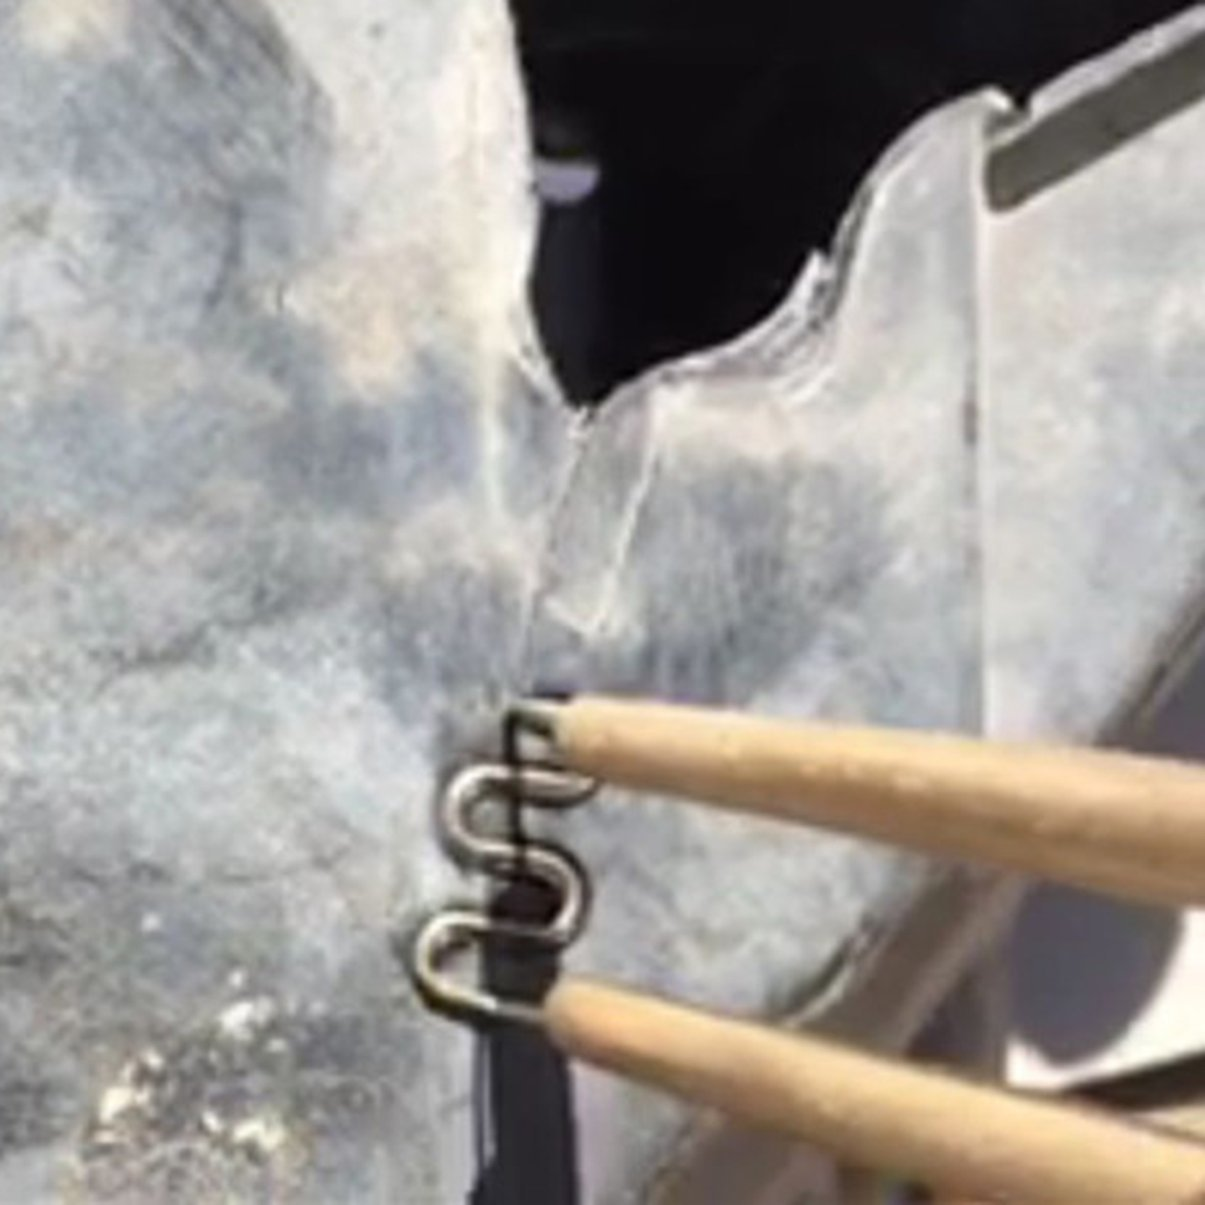 Outil en Plastique Professionnel de Corps de car/énage de Pare-Chocs de Soudure de syst/ème de r/éparation en Plastique Professionnel avec la Machine de Soudure en Plastique dagrafe Pratique